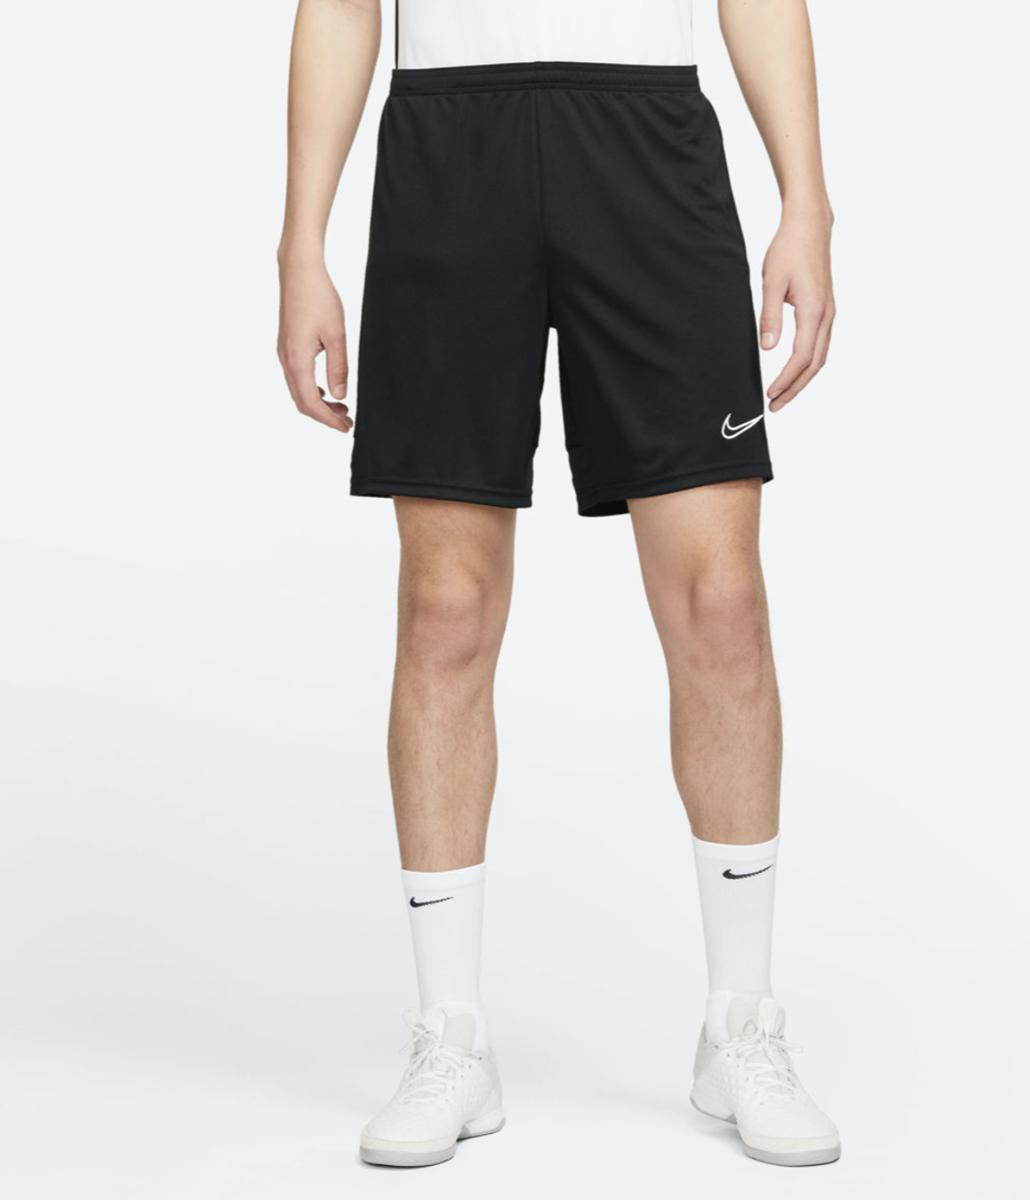 Bilde av Nike mens acd21 shorts CW6107-011